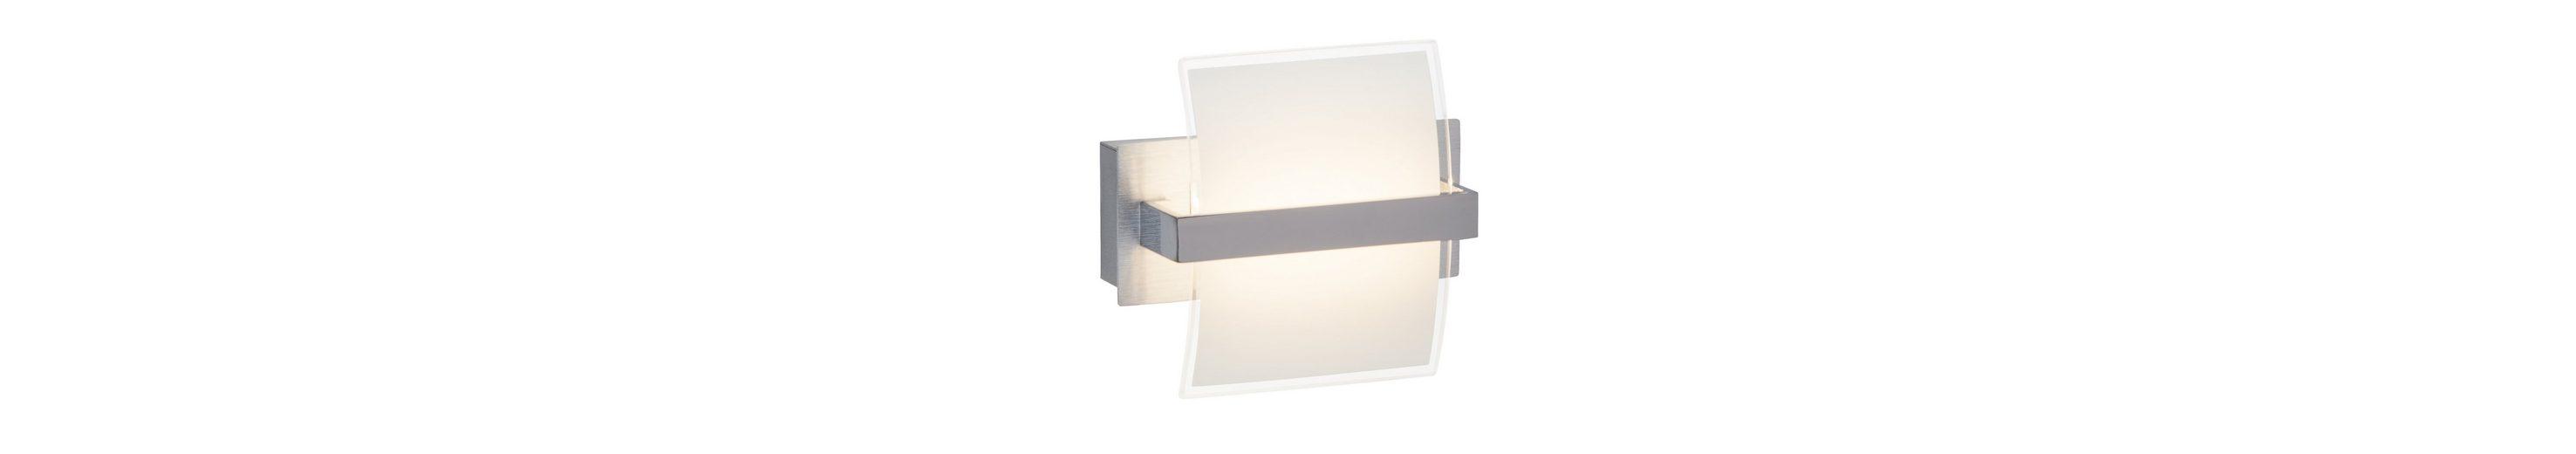 Brilliant Leuchten Trust LED Wandleuchte mit Schalter chrom